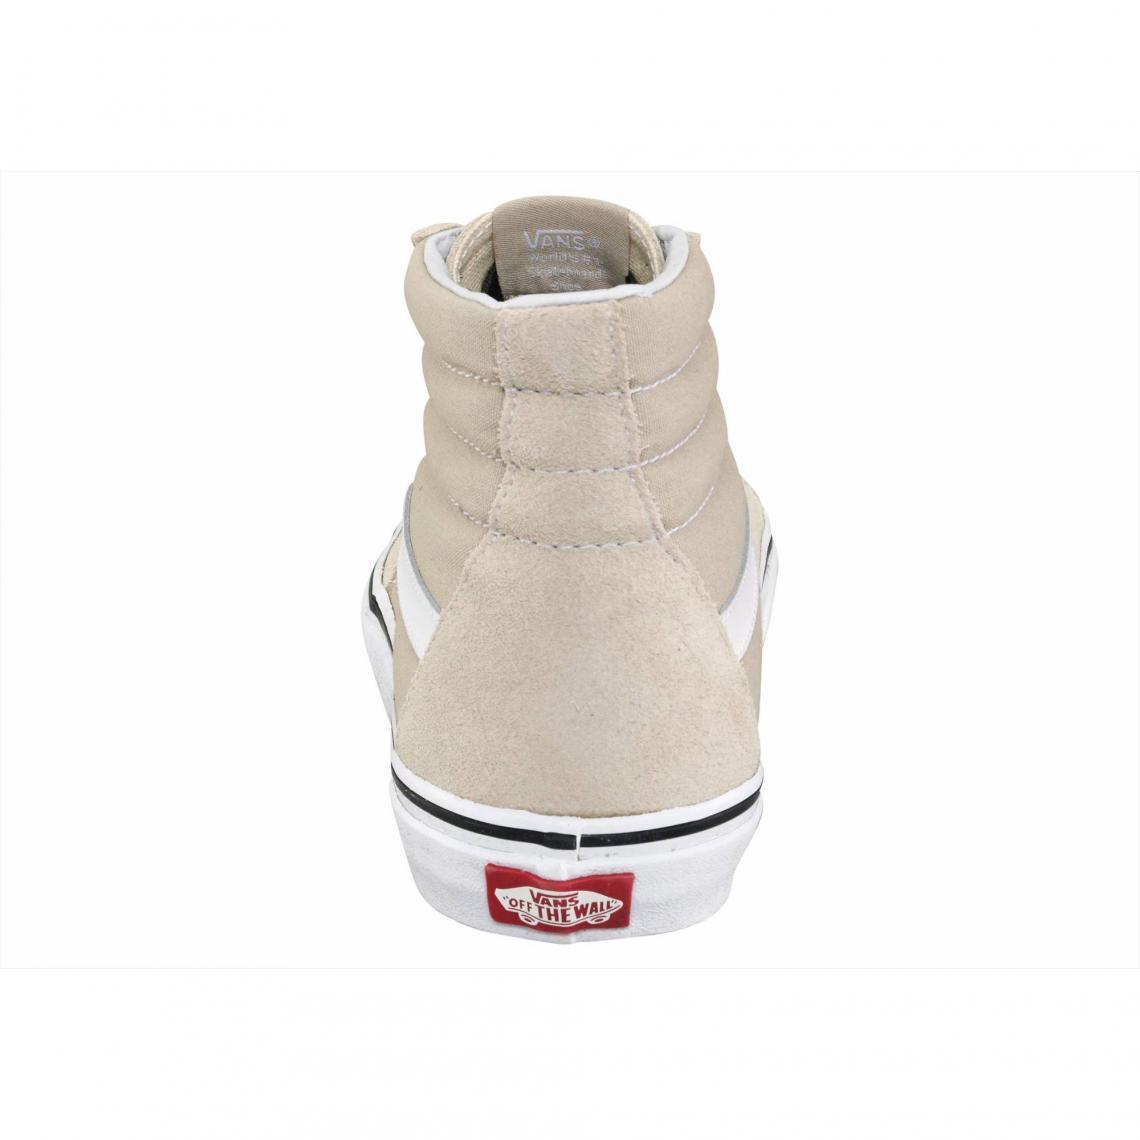 c686e983d72 Sneakers montantes homme SK8-Hi N de Vans - Beige Vans